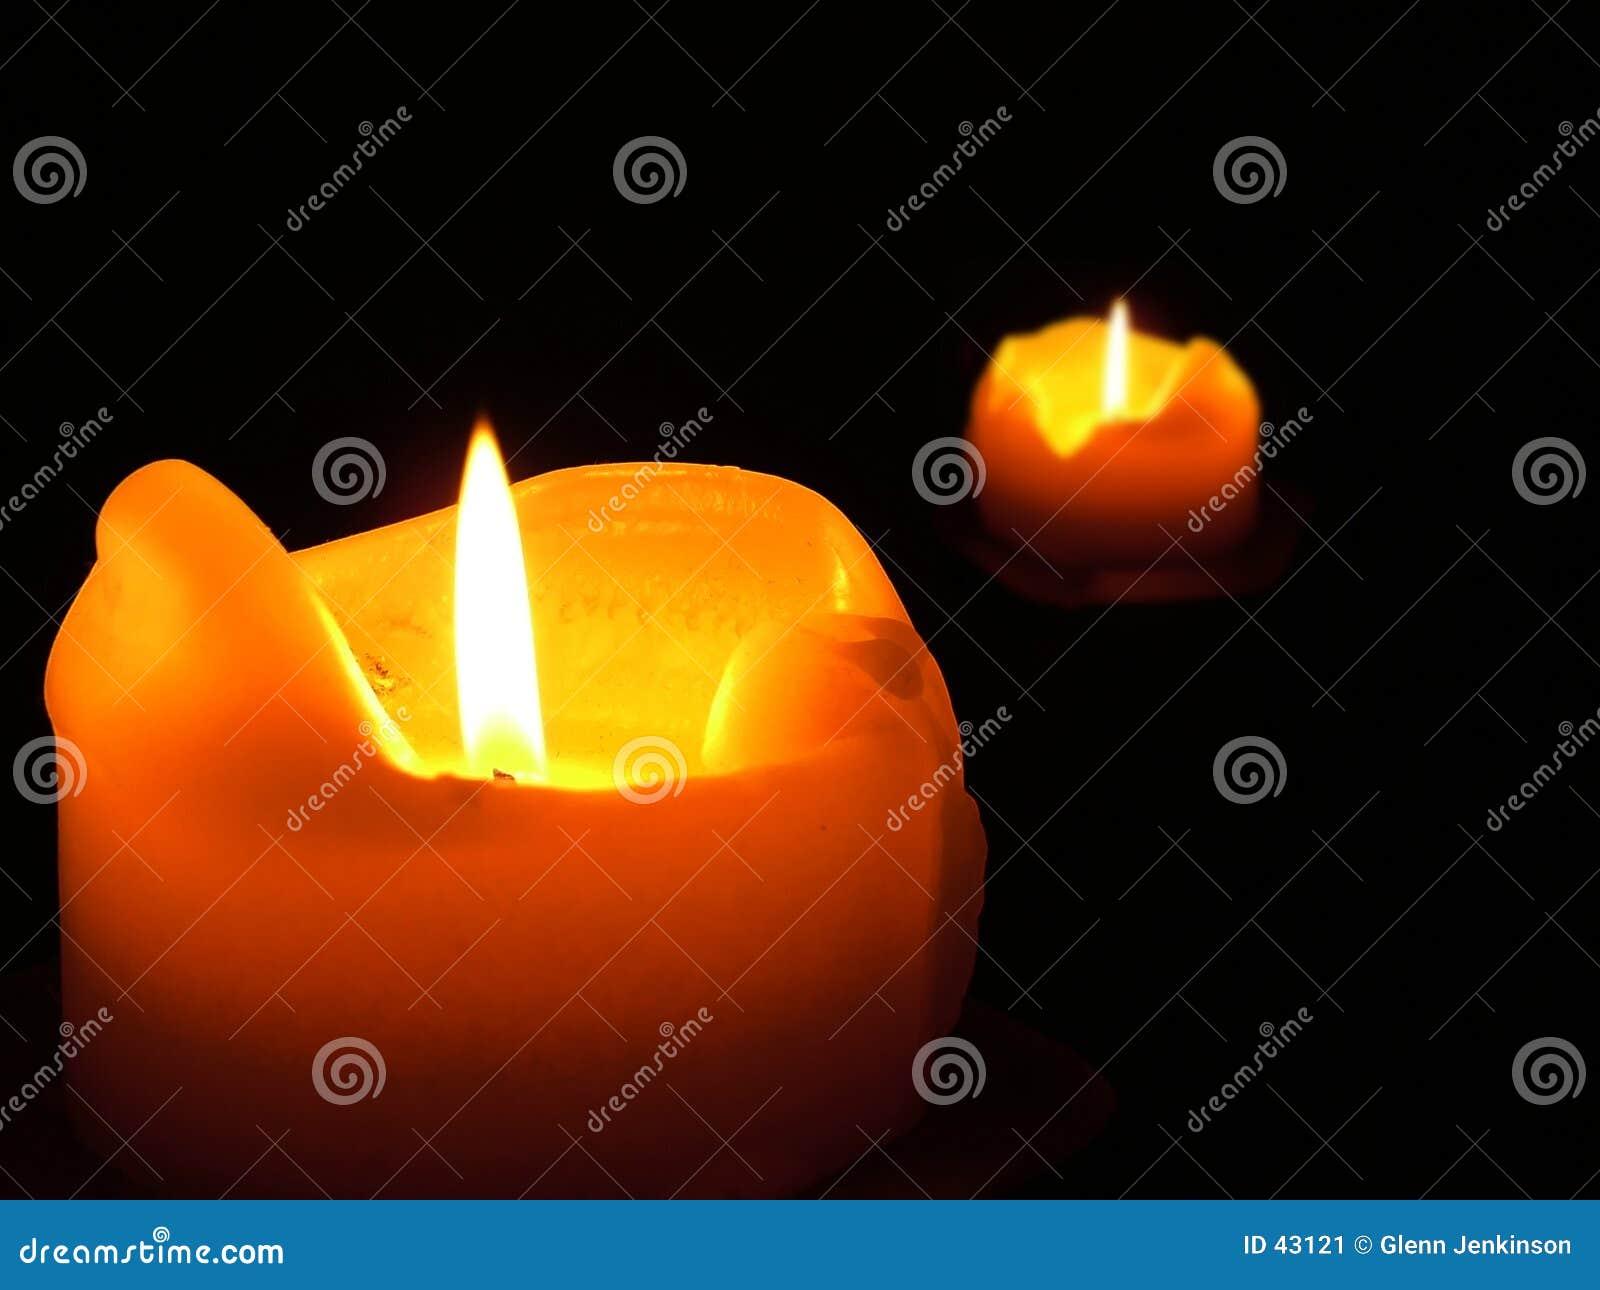 Download Llamas gemelas imagen de archivo. Imagen de flama, rojo - 43121